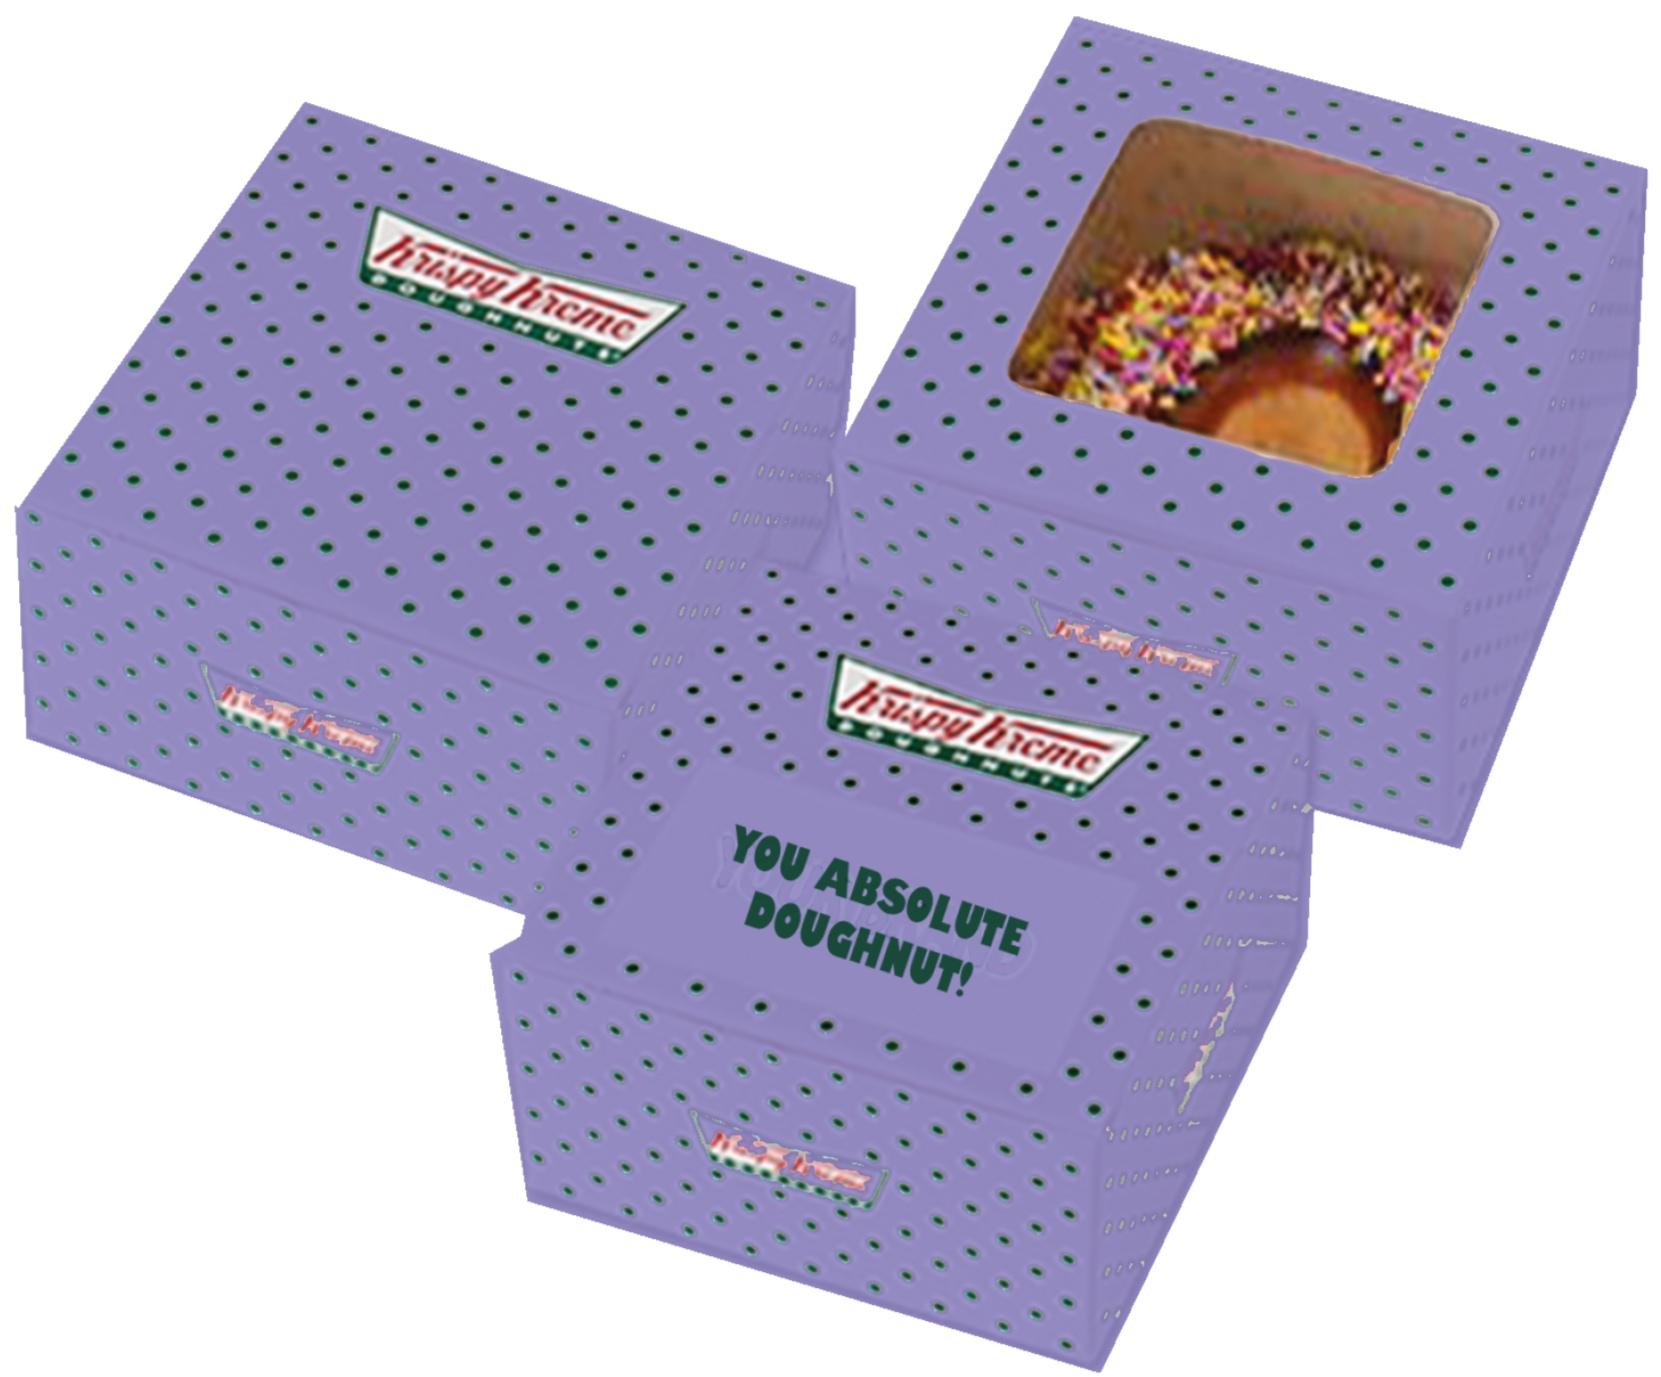 Krispy+Kreme+Packaging.jpg